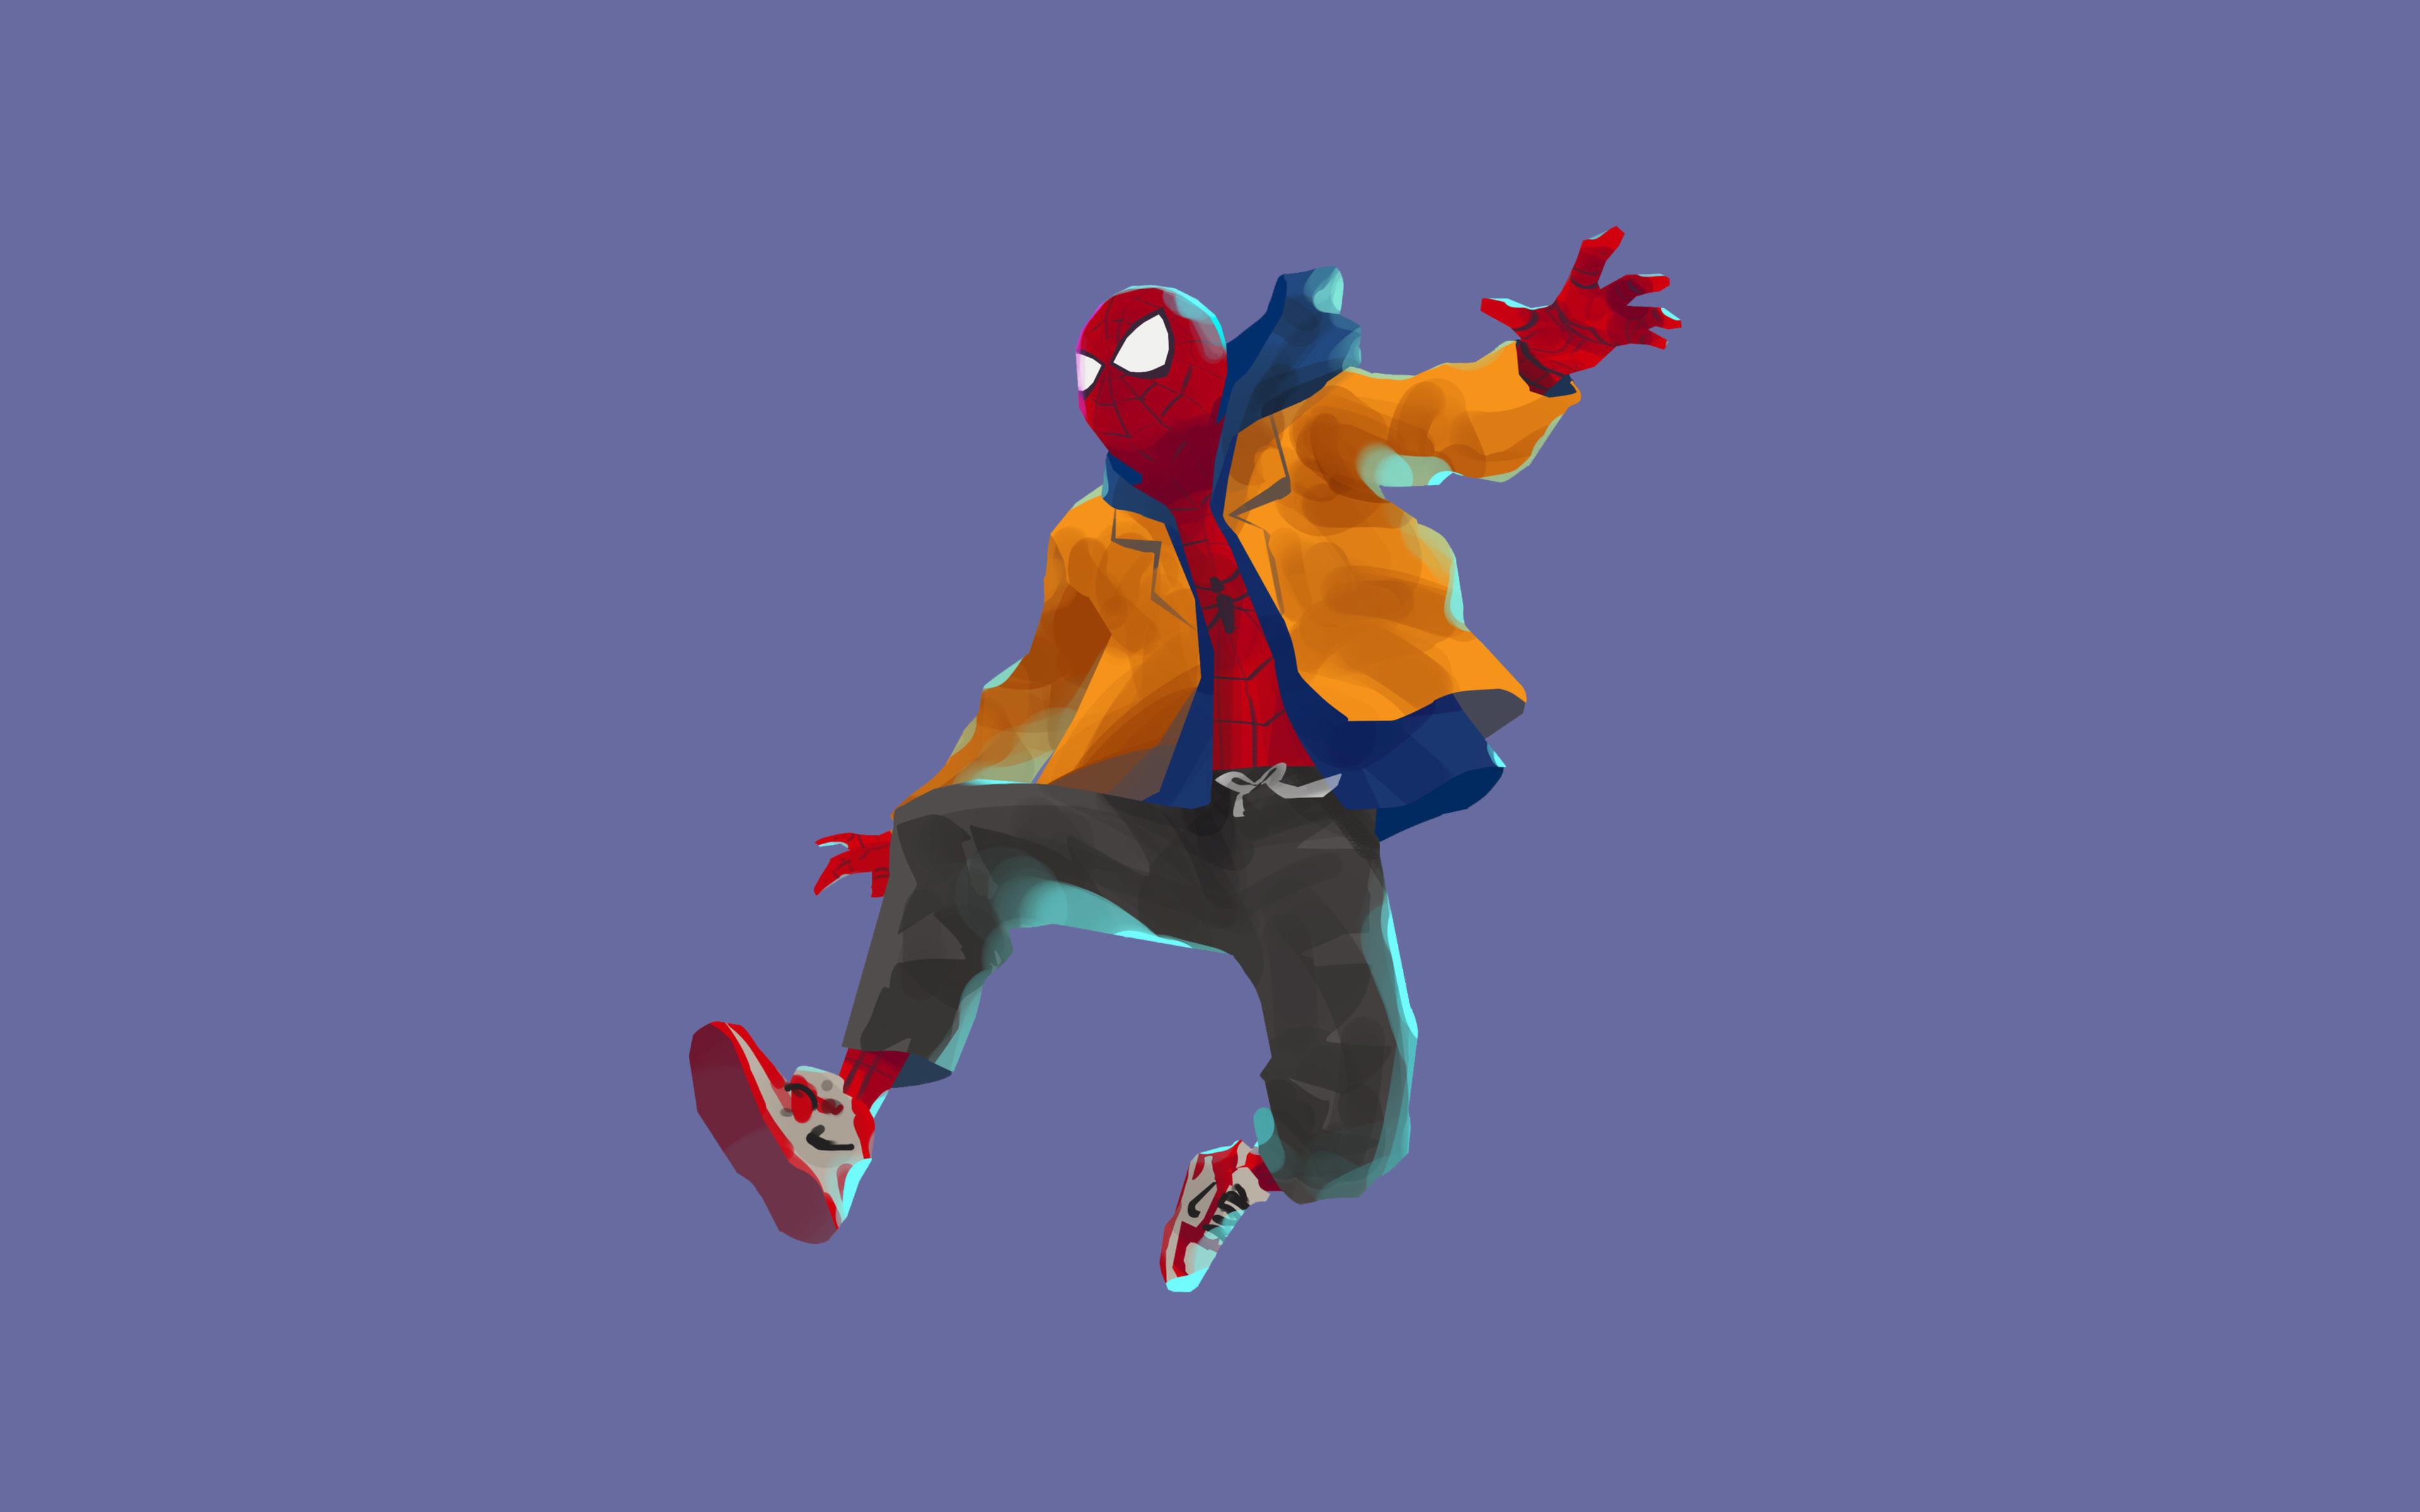 3840x2400 SpiderMan Into The Spider Verse Movie 4k Artwork ...